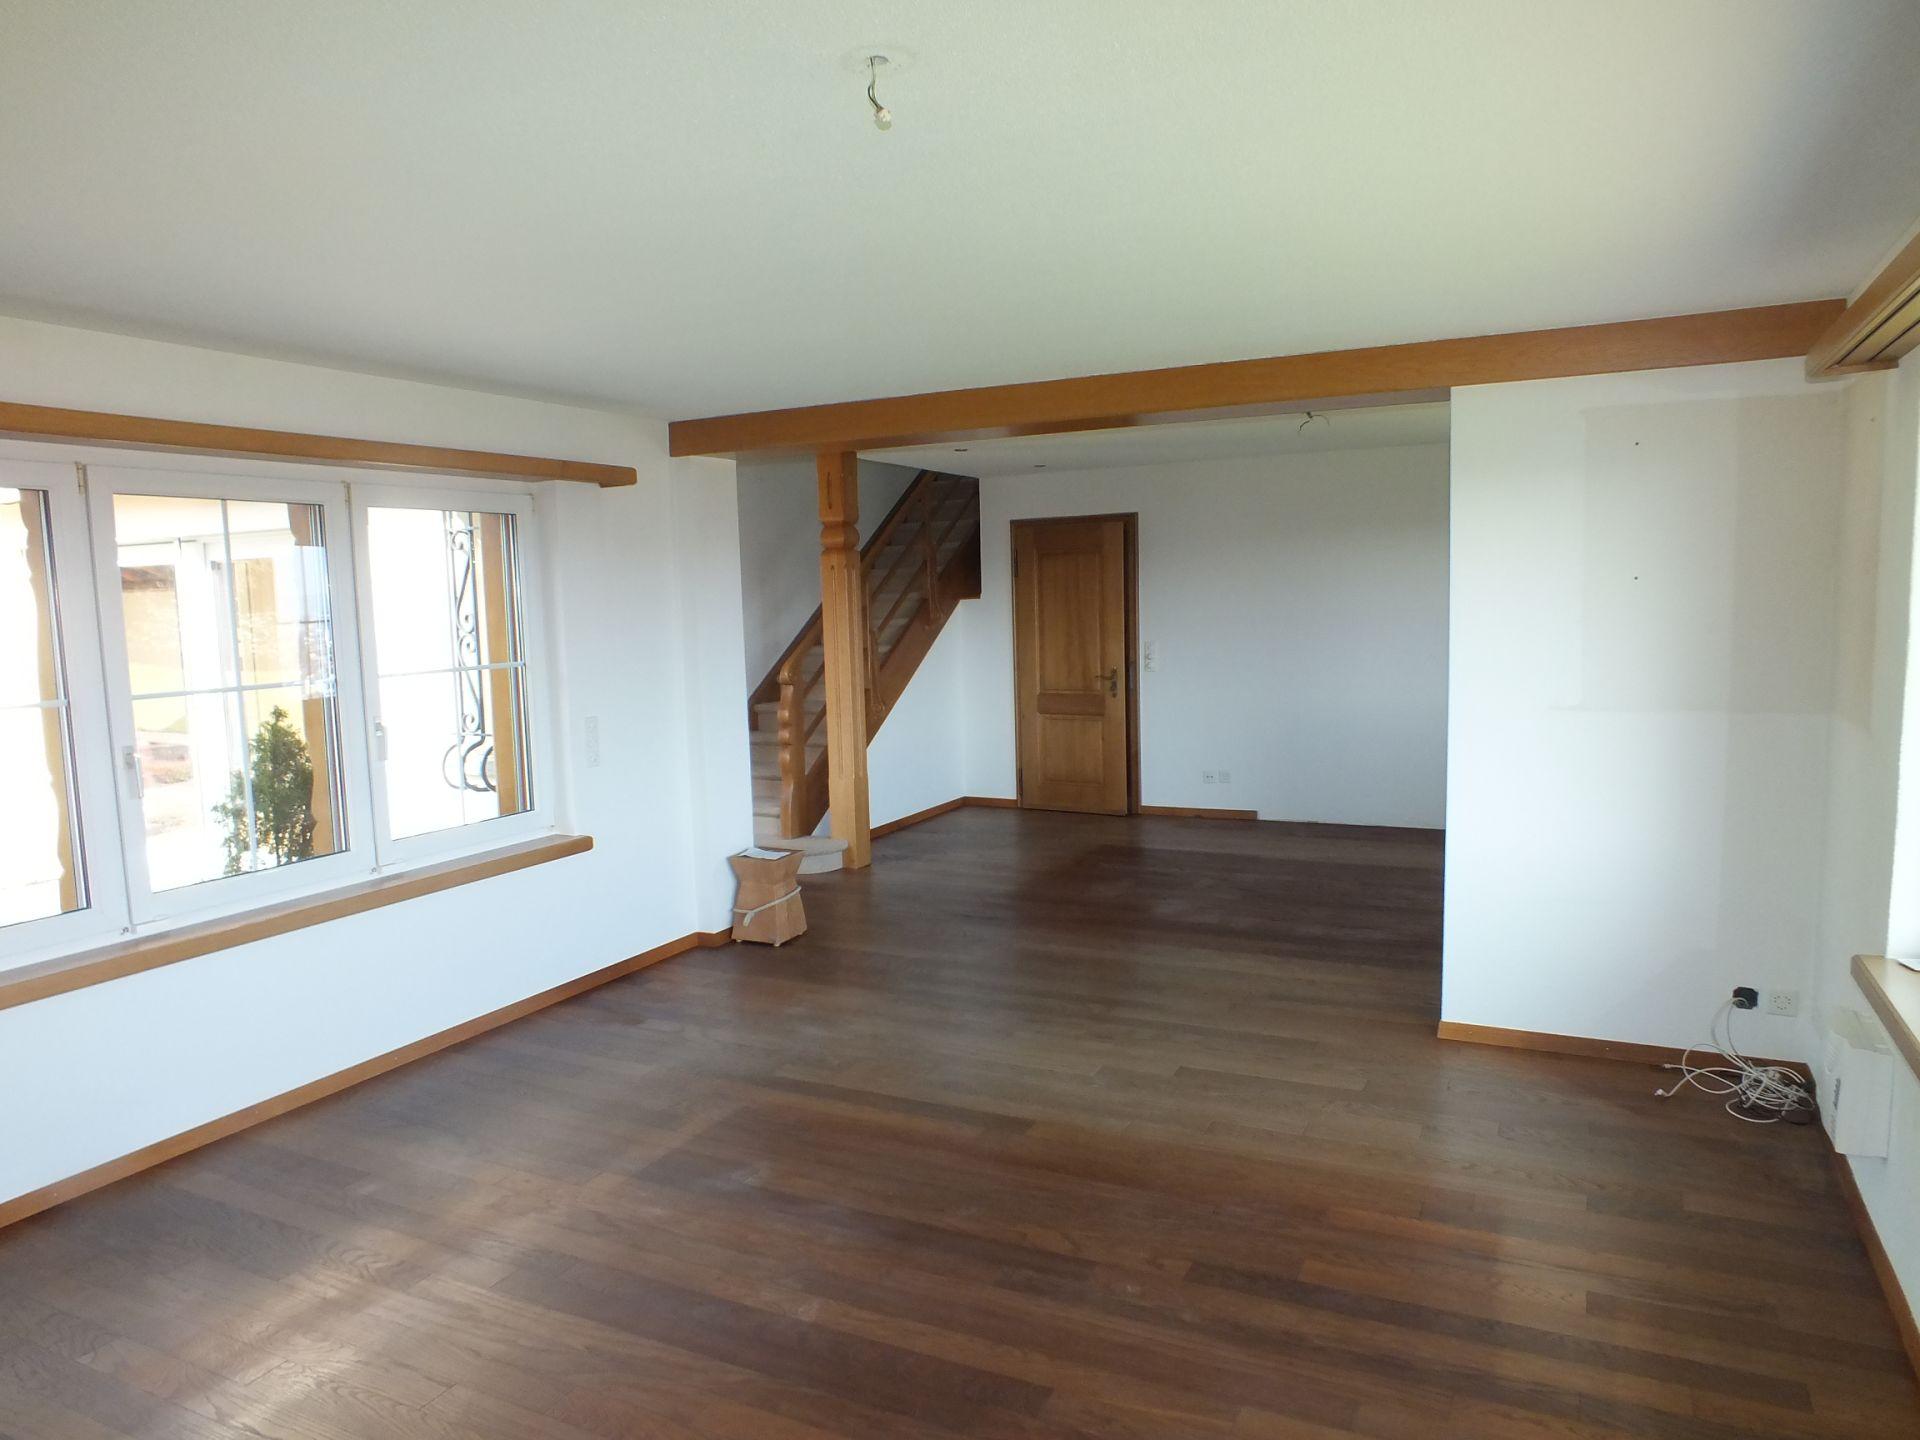 Wohnzimmer mit Blick Richtung Eingangshalle und Treppe ins Obergeschoss